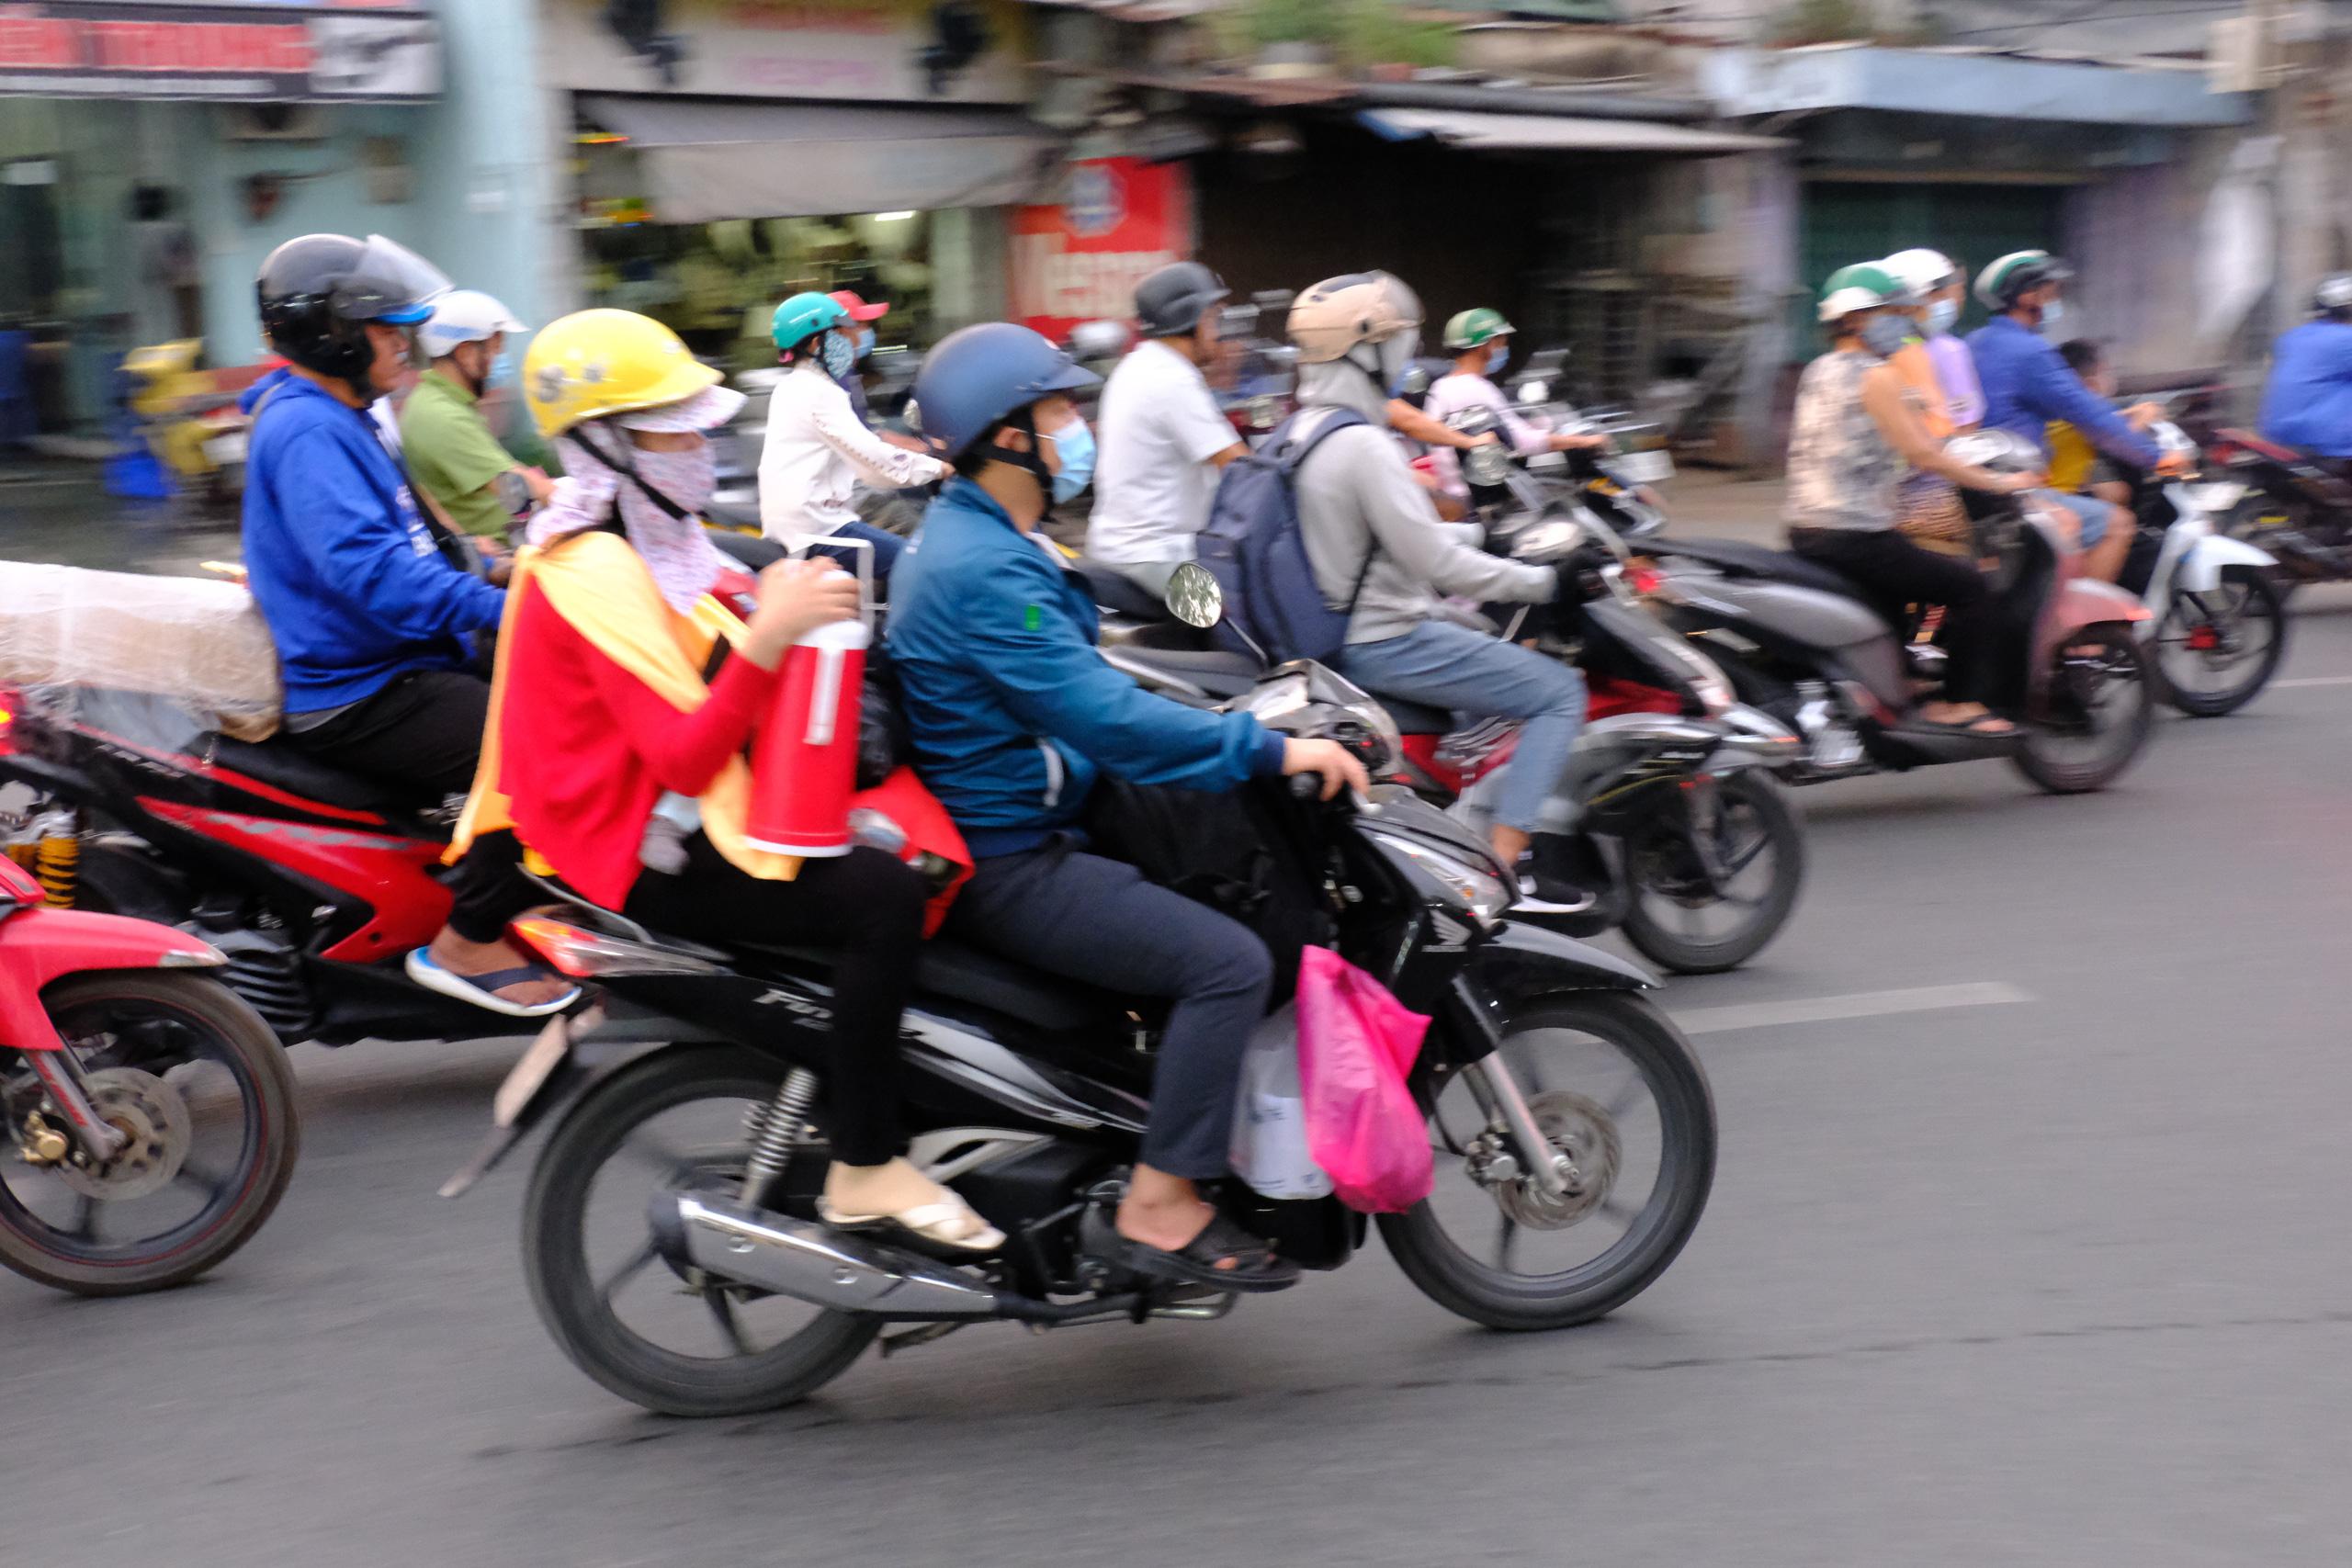 Chùm ảnh: Người dân ùn ùn kéo nhau về quê ăn Tết, Hà Nội tắc đường kinh hoàng chiều cuối năm - Ảnh 27.